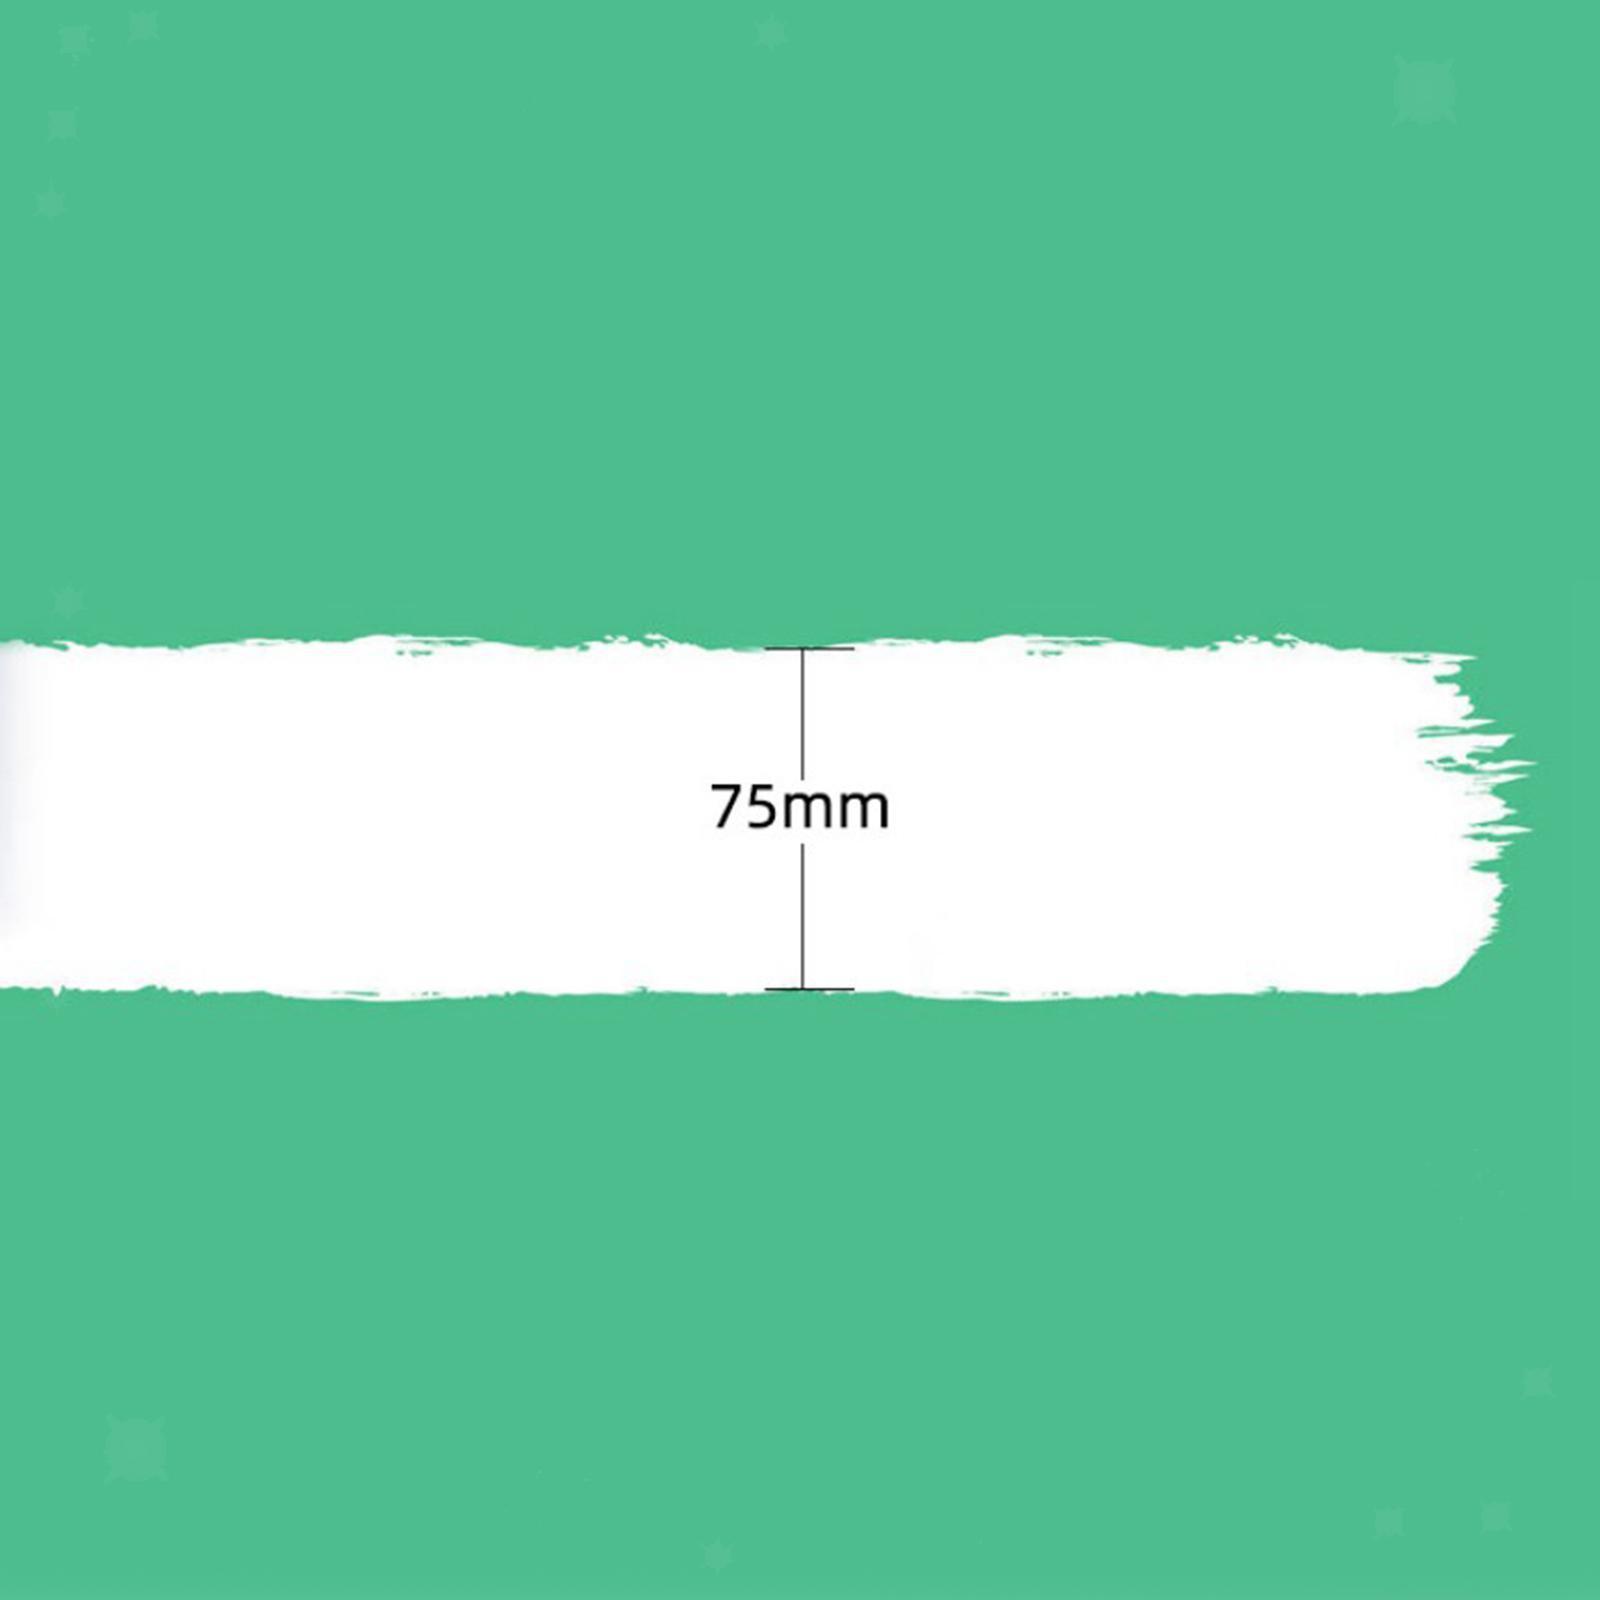 miniatura 9 - 180mL/320mL Portatile Colla Applicatore Rullo Professionale Rivestito Colla